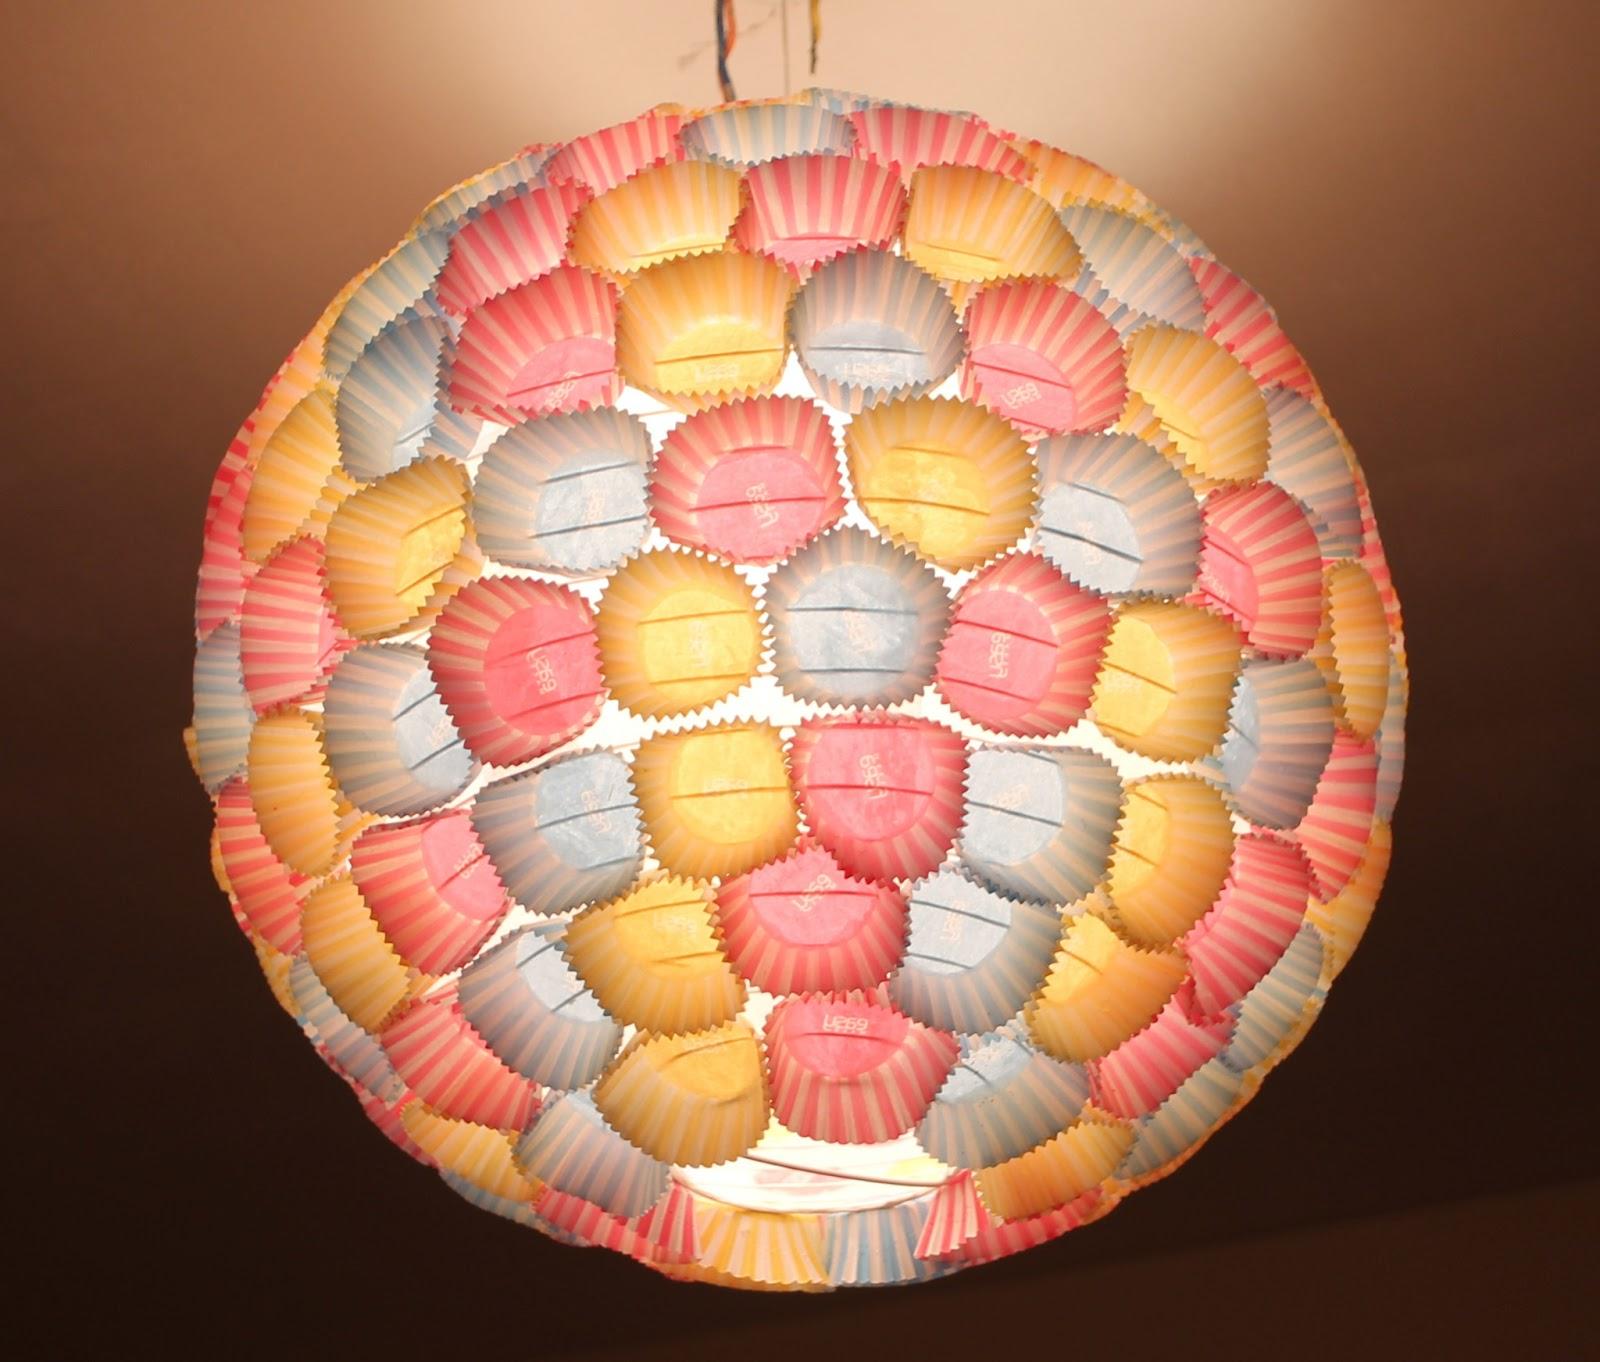 Bien connu Toutes les astuces pour un intérieur à la déco LED !: Le DIY pour  EC46